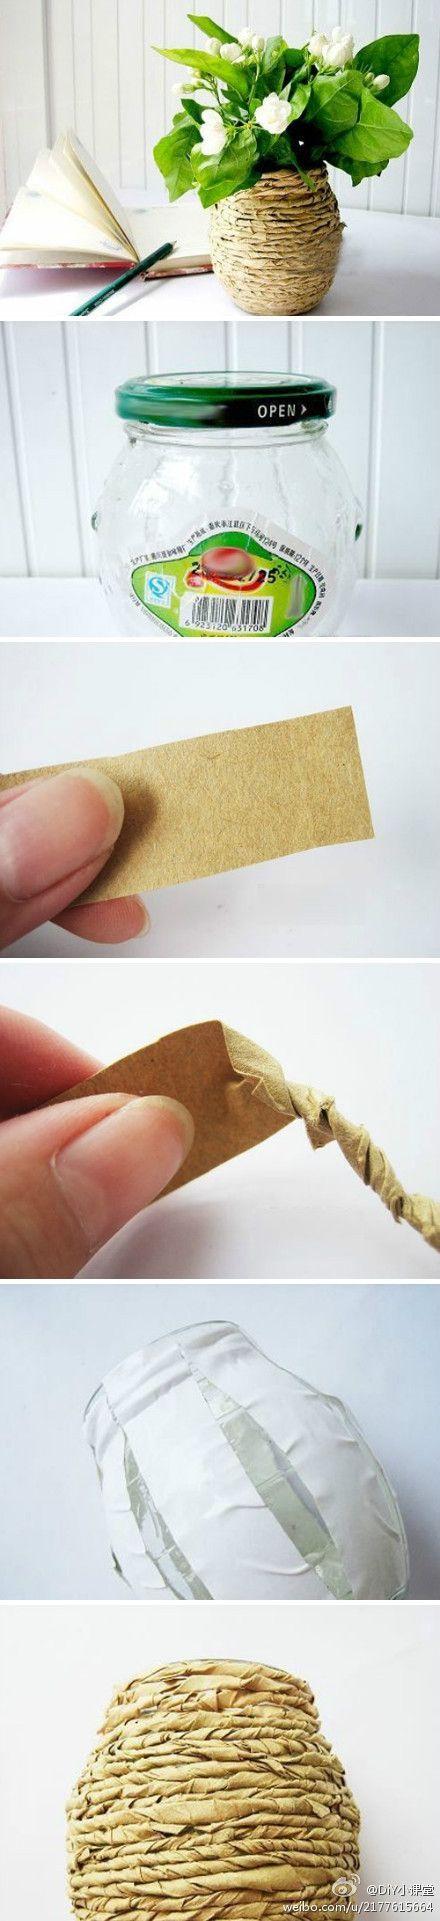 15 Cute DIY